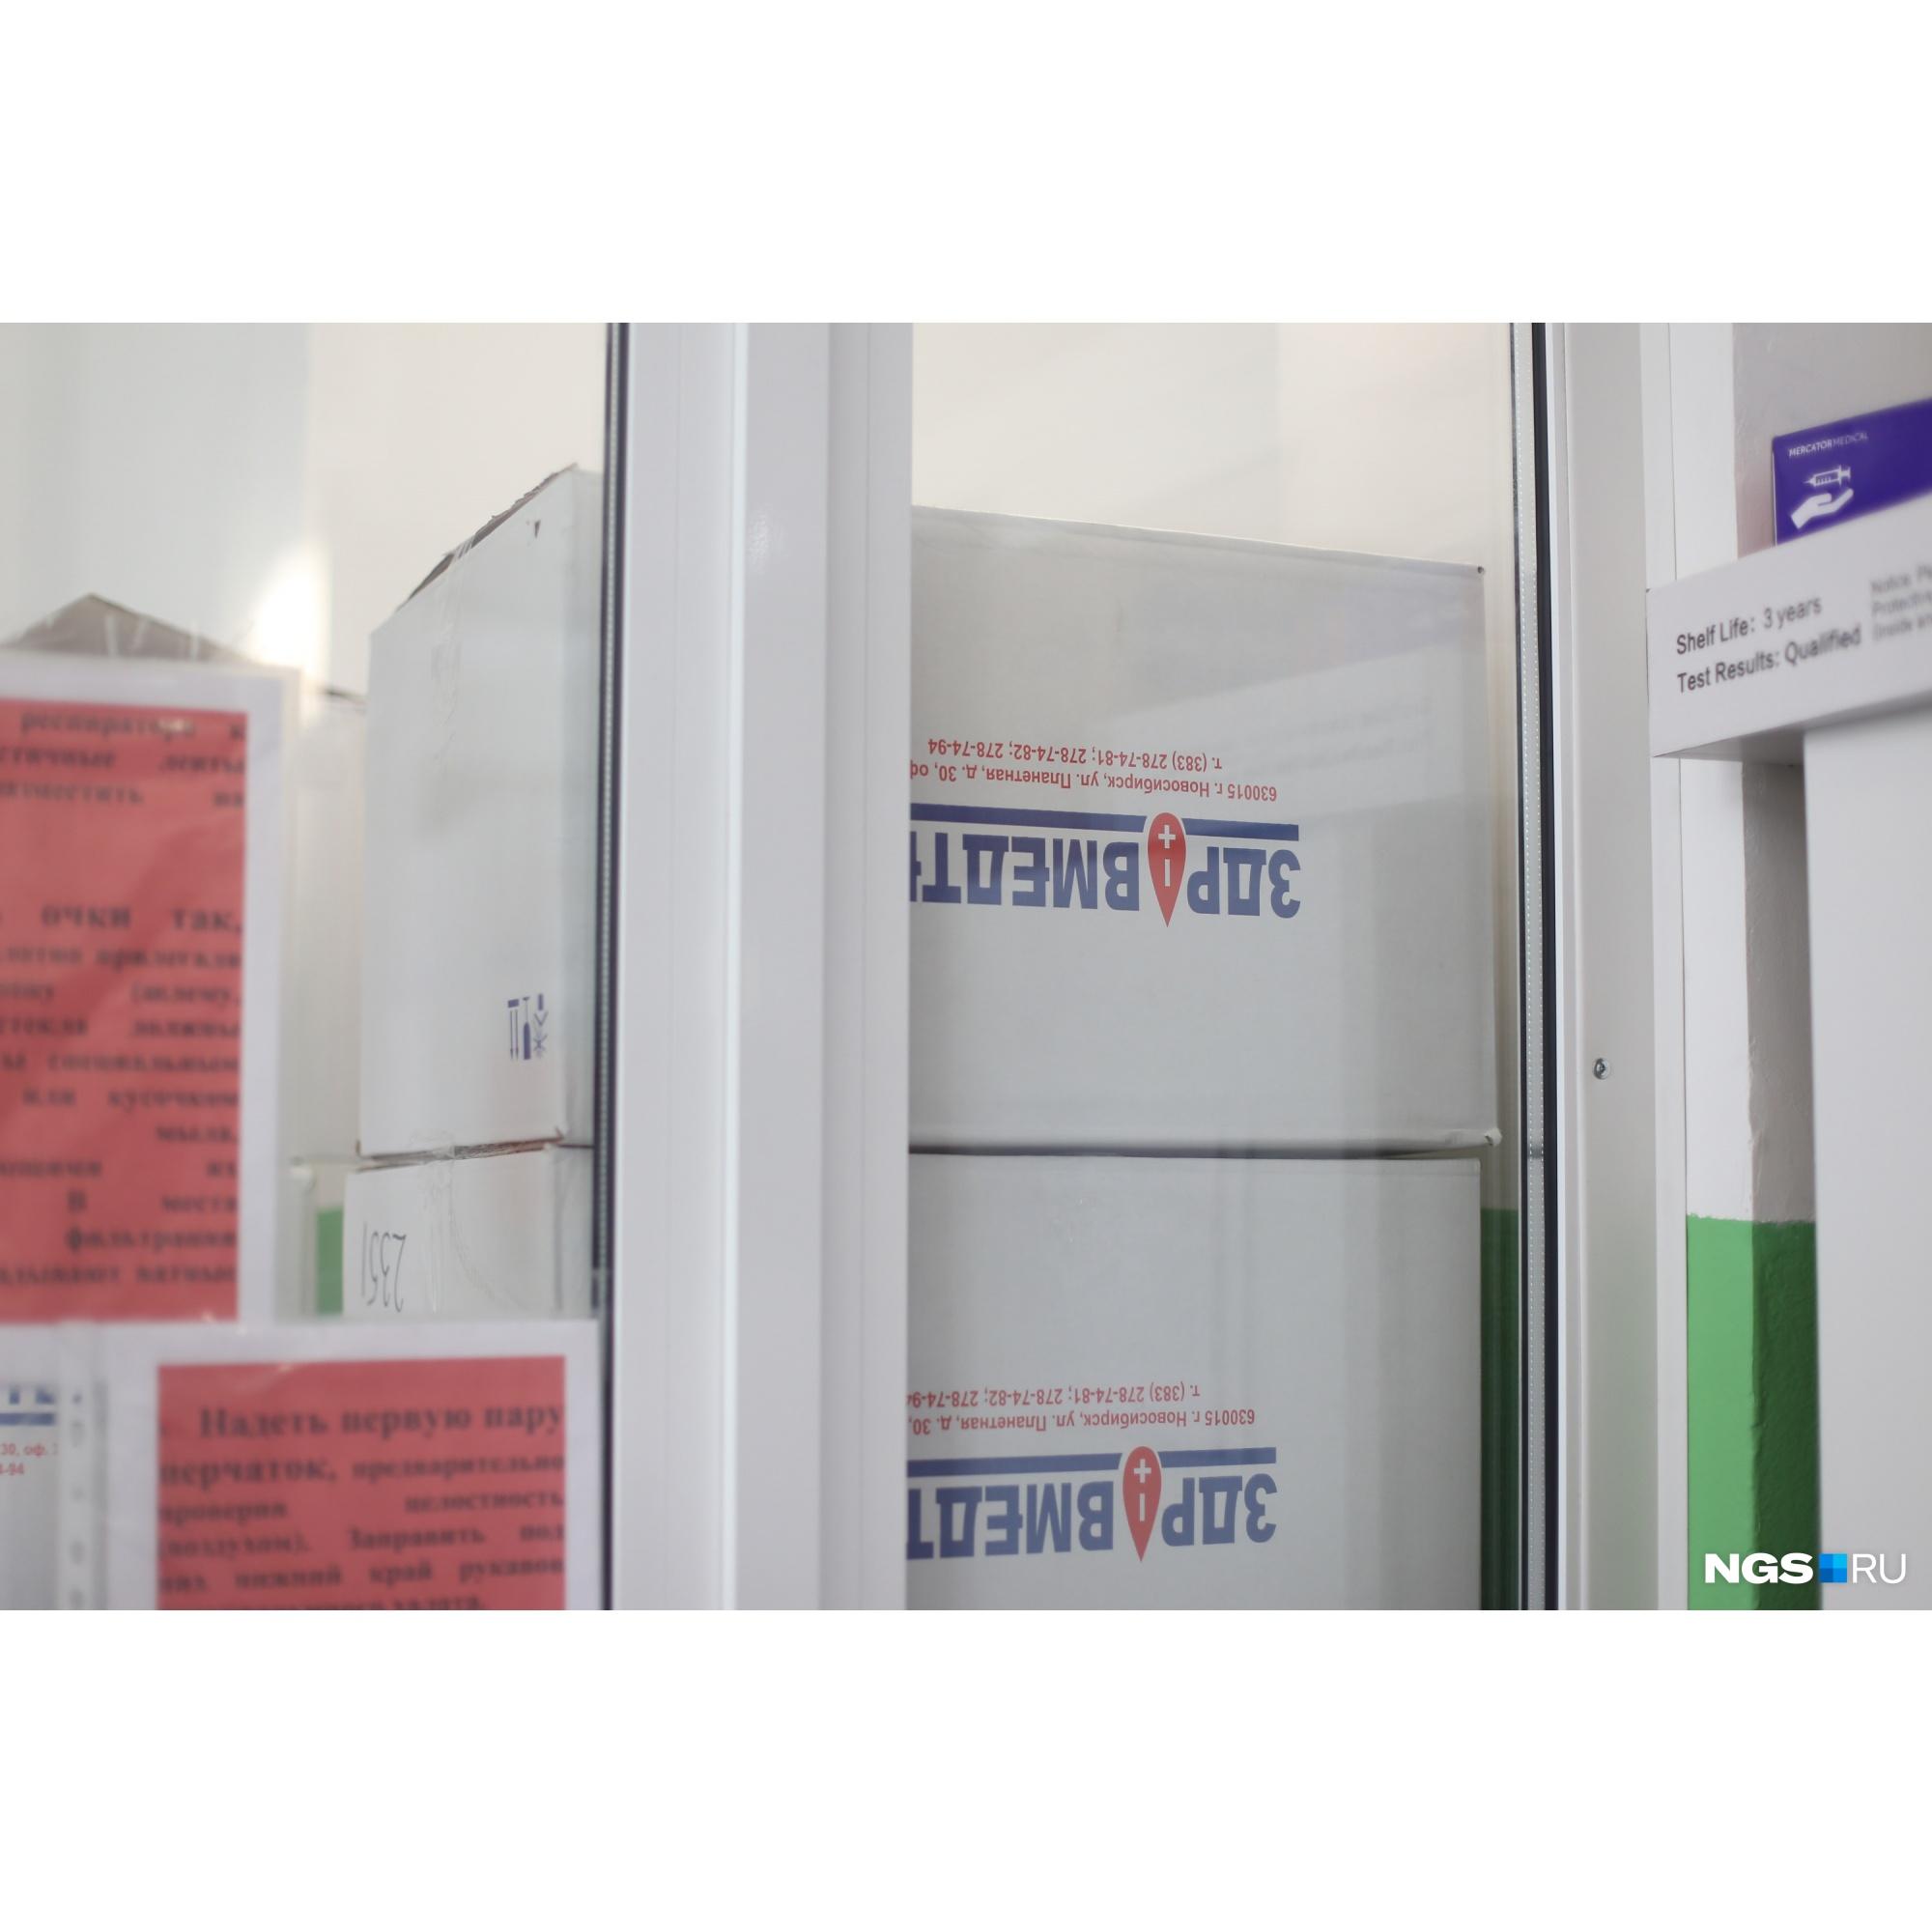 В таких коробках в больнице хранятся СИЗы